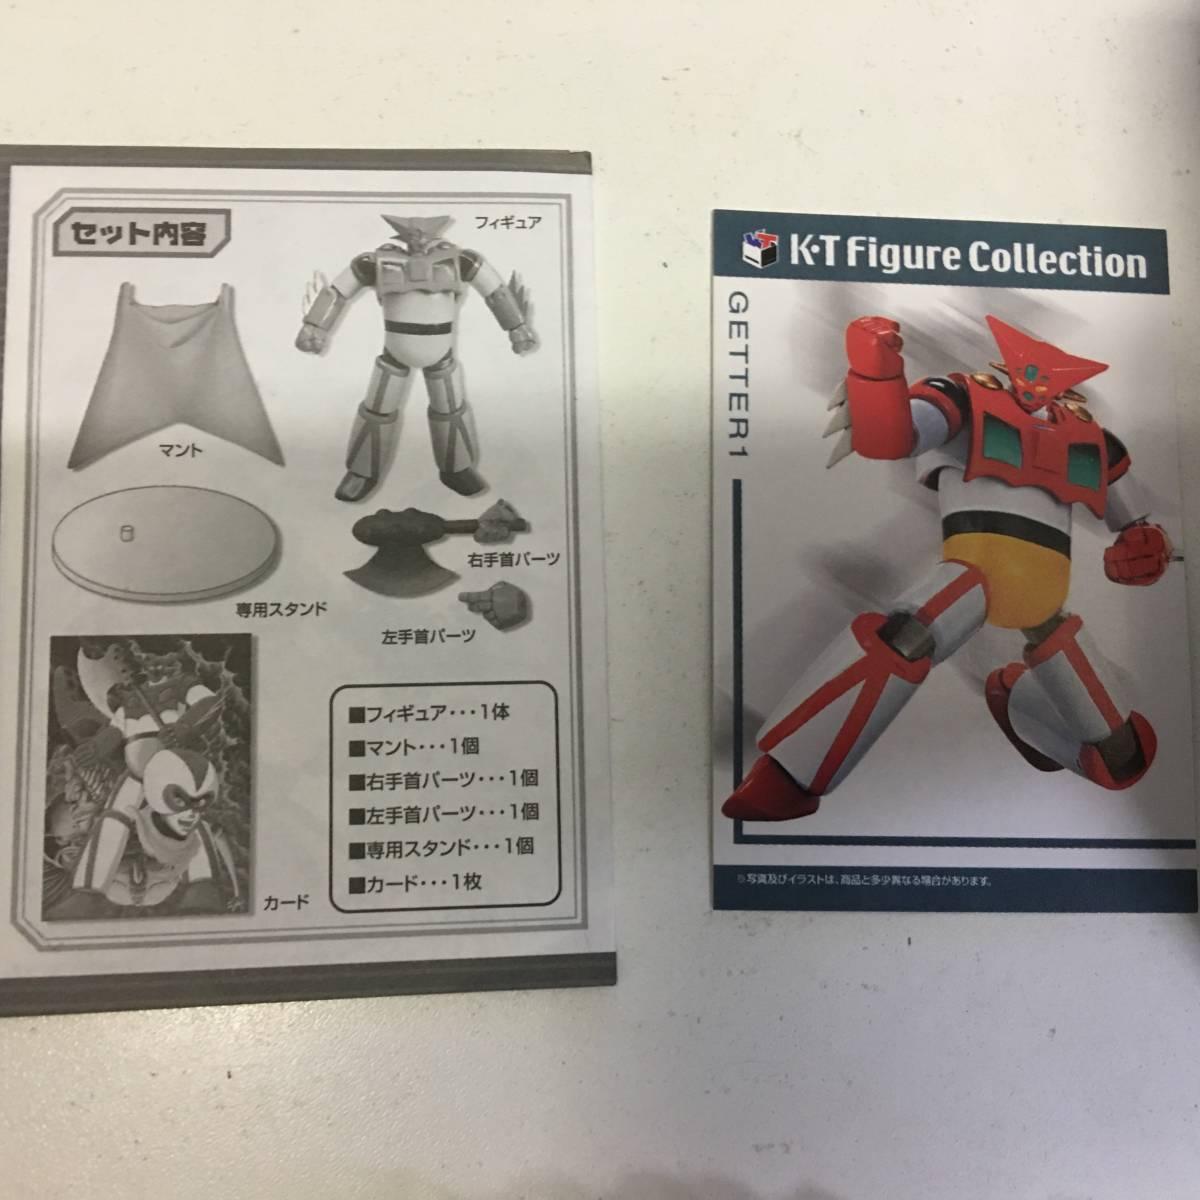 即決 未使用品 タカラ K・Tフィギュアコレクション ダイナミックロボットミュージアム 真ゲッター1 レターパック可能_画像4